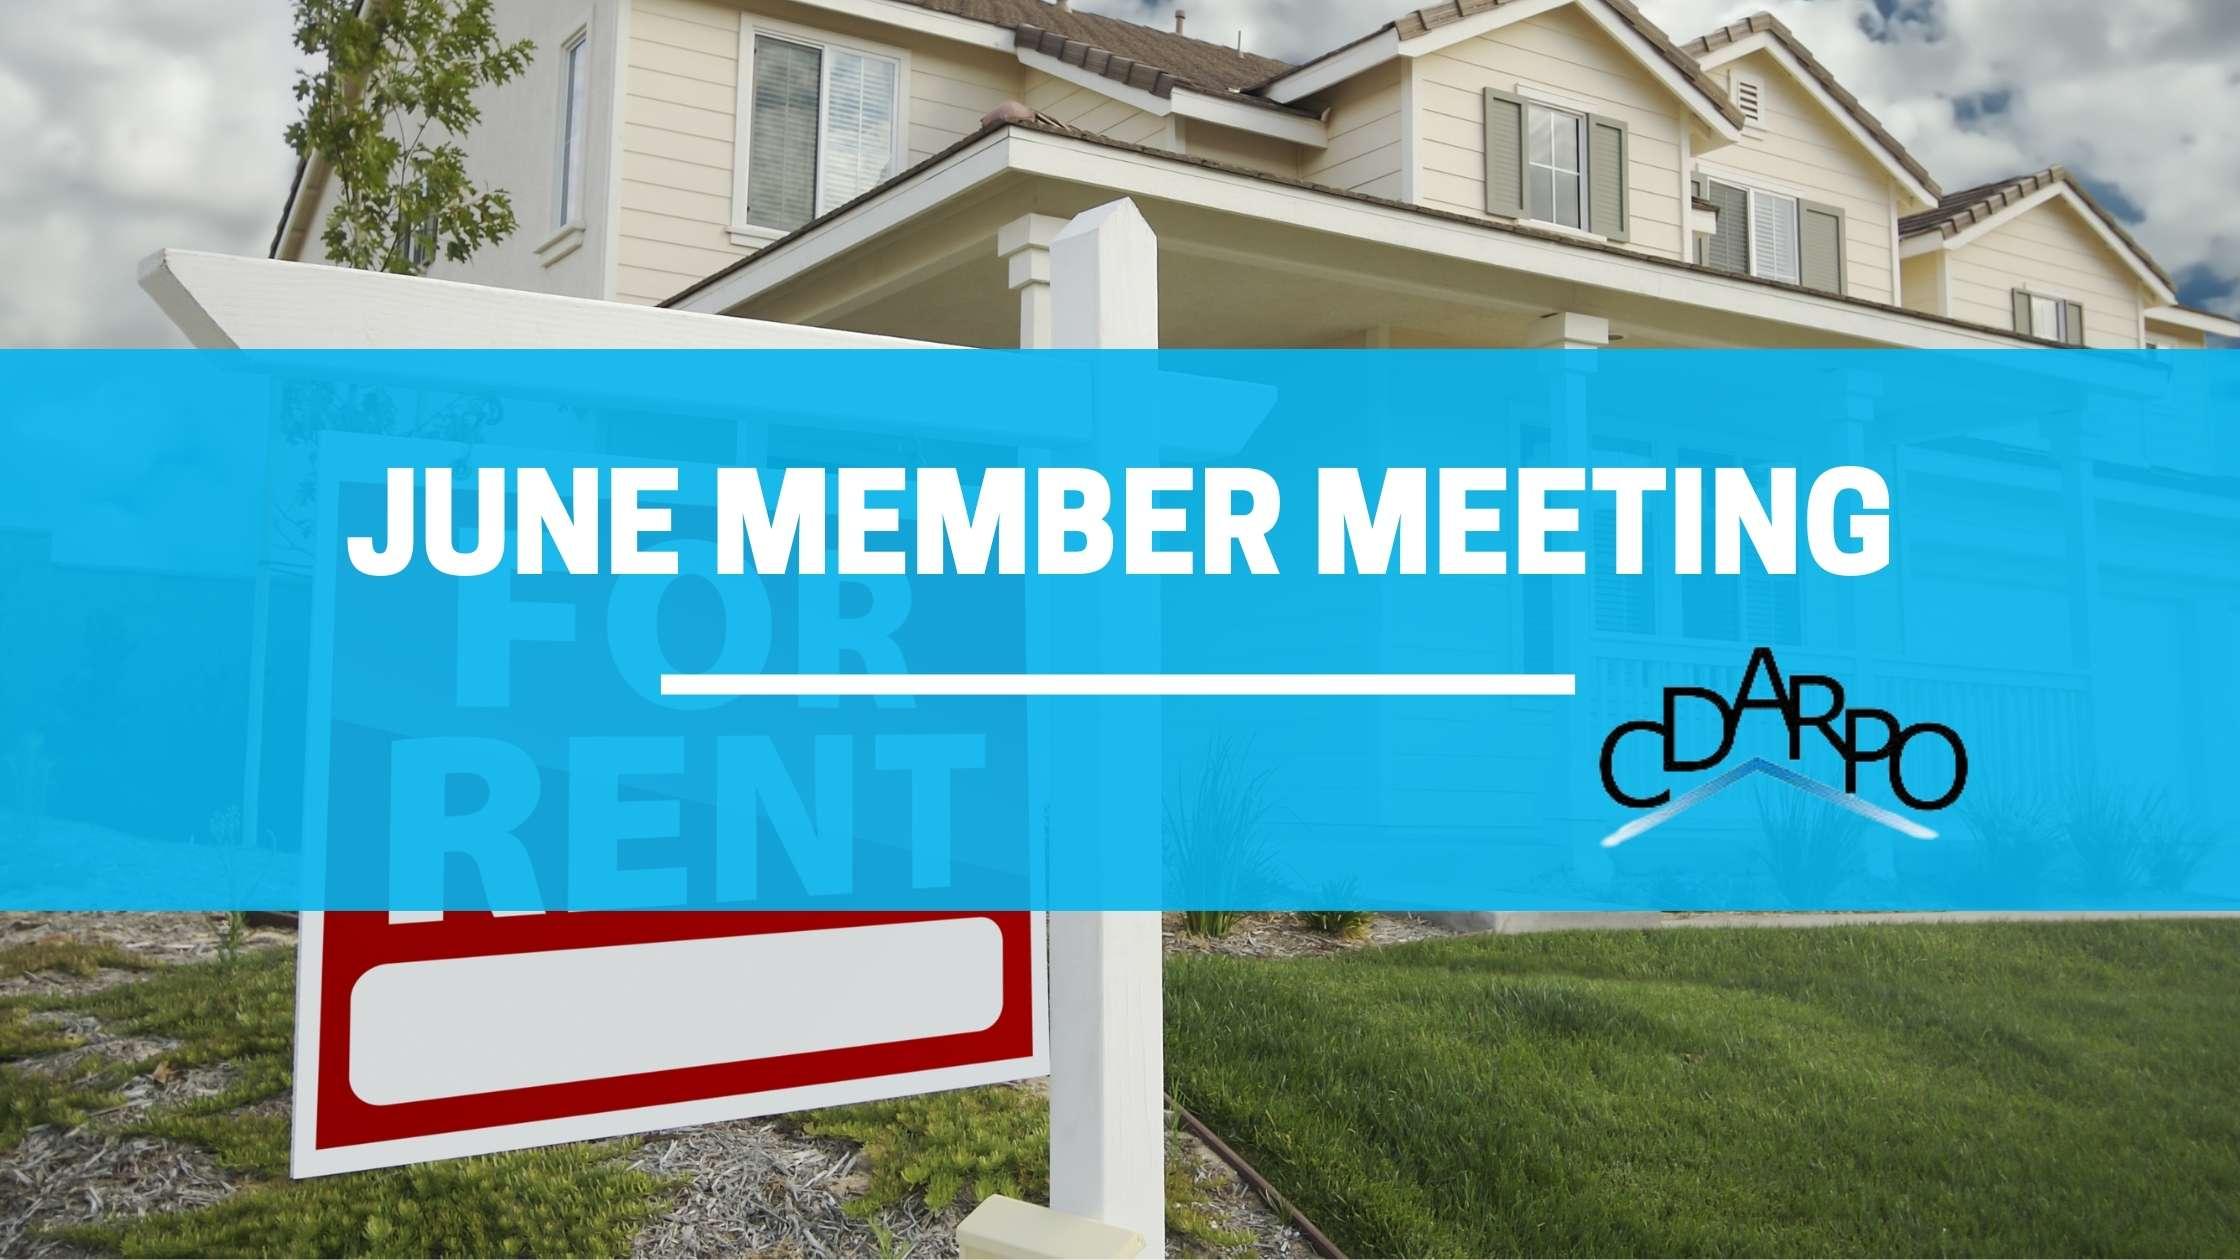 june member meeting cdarpo